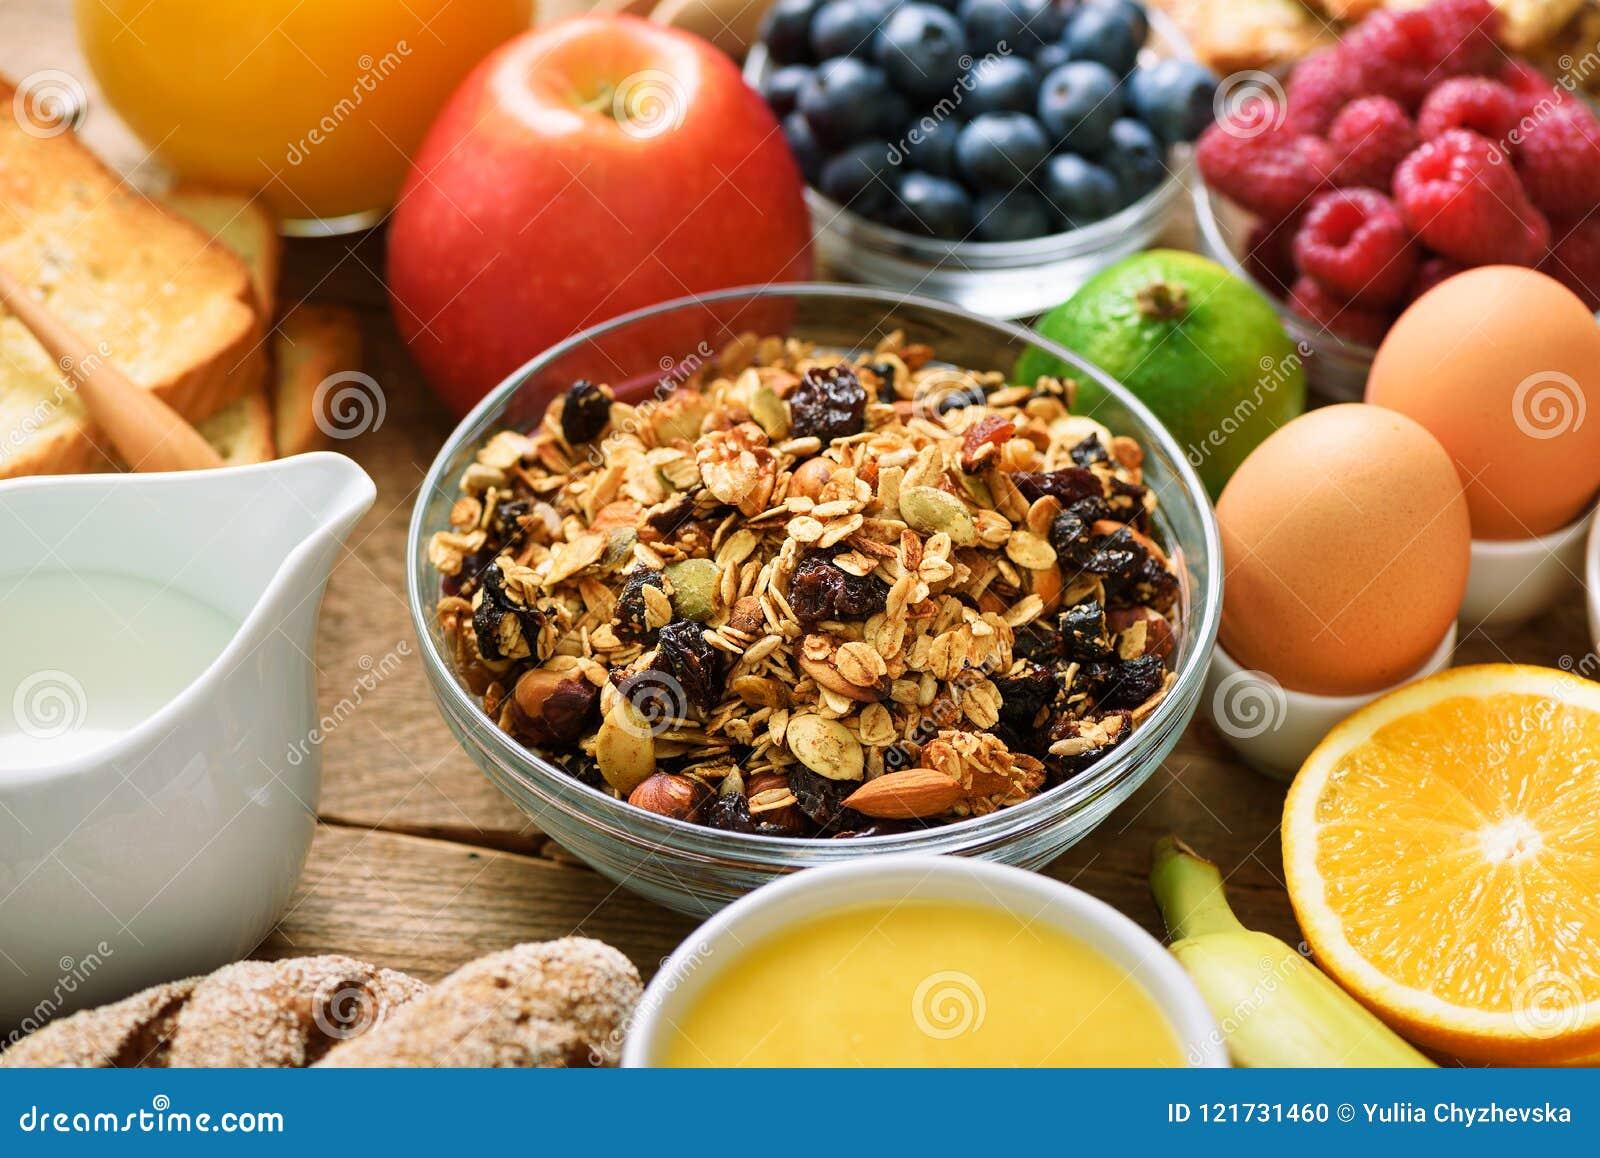 Ingredientes saudáveis do café da manhã, quadro do alimento Granola, ovo, porcas, frutos, bagas, brinde, leite, iogurte, suco de